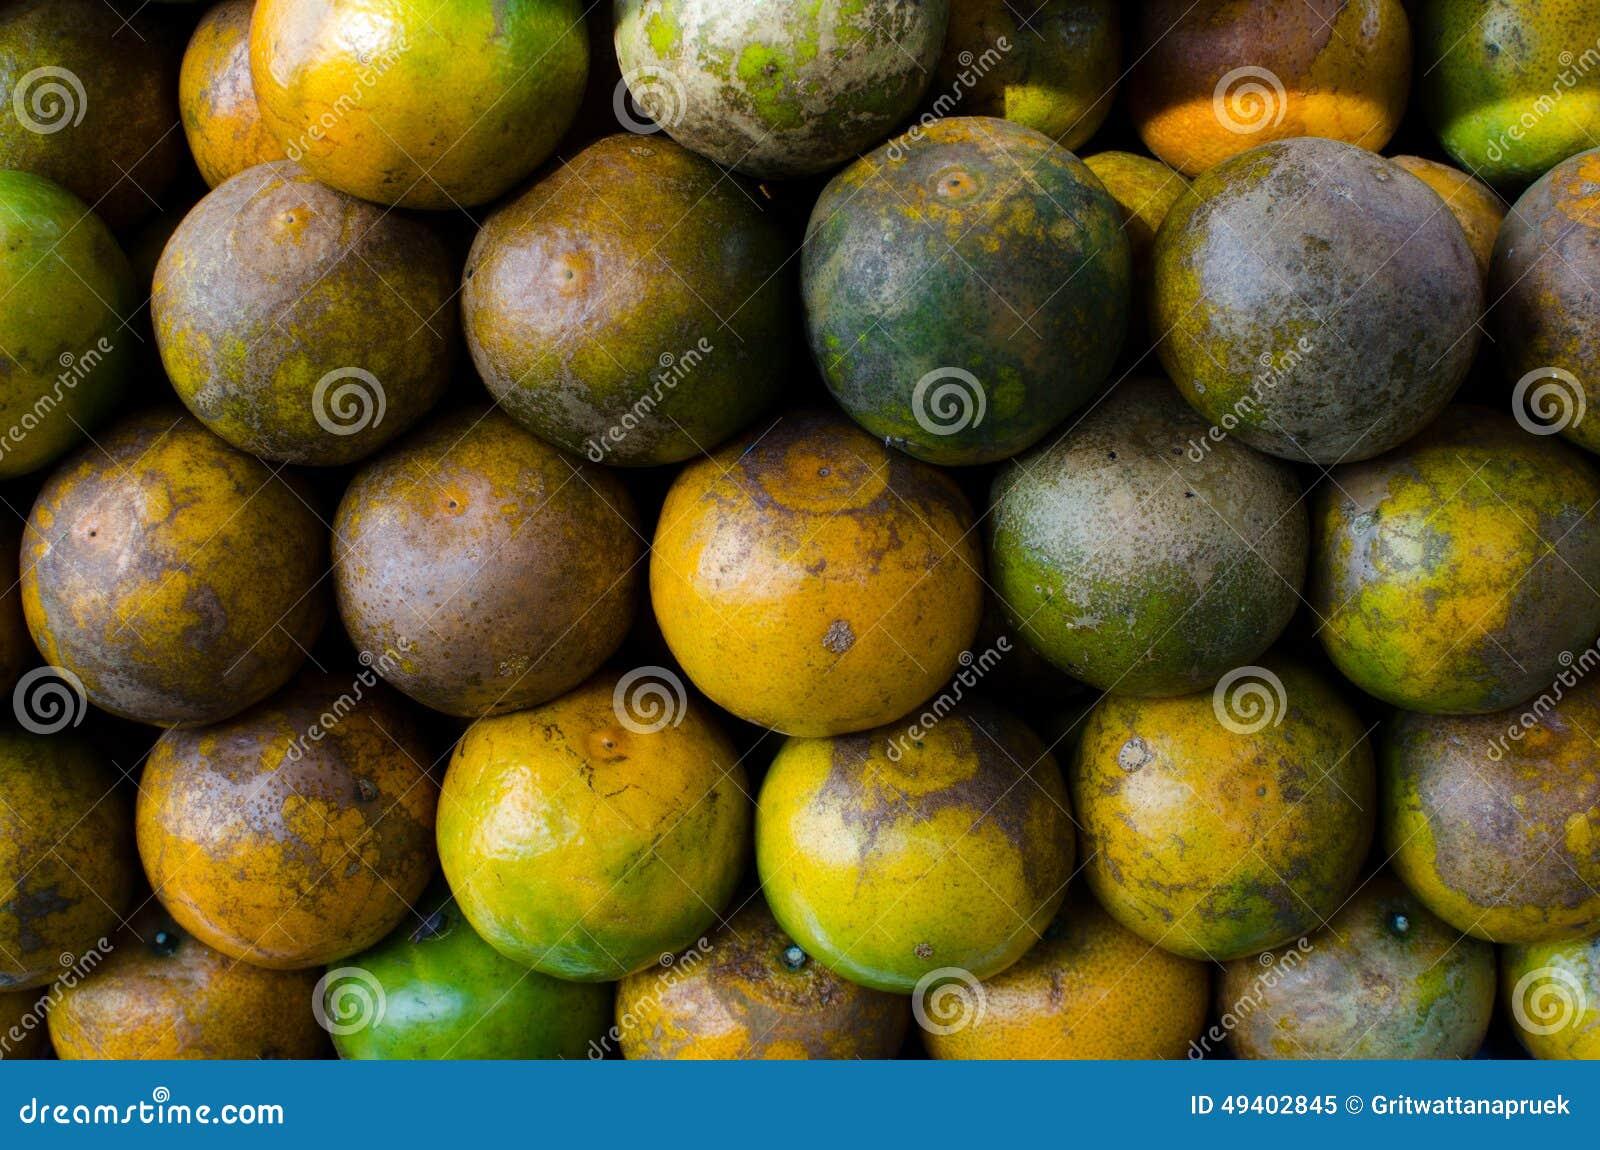 Download Tangerinen stockbild. Bild von mehrfach, eßbar, industrie - 49402845